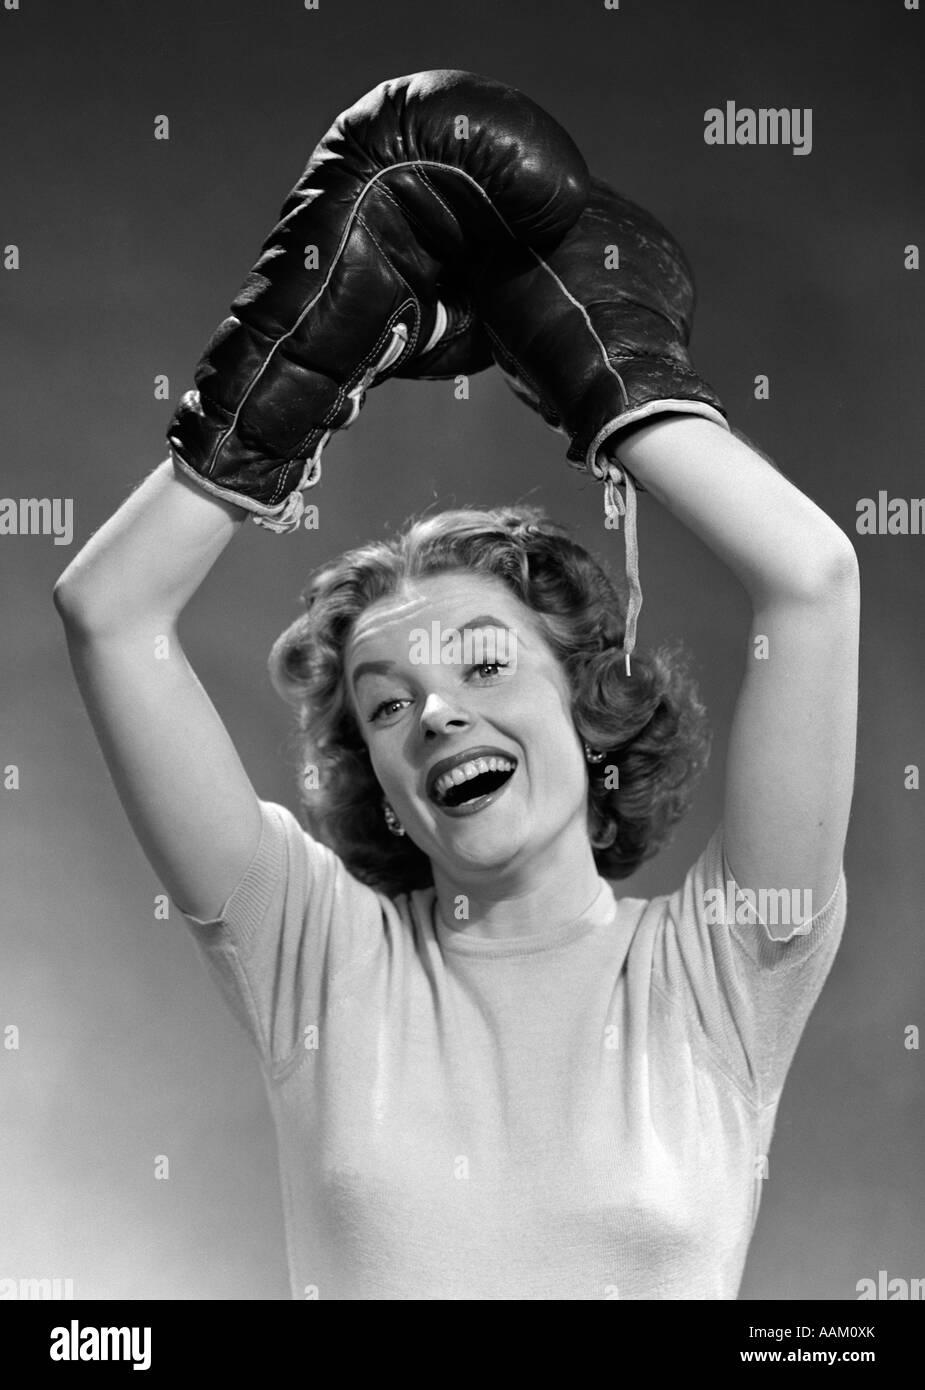 Anni Cinquanta ritratto di donna che indossa guantoni da pugilato in posa vincente a braccia alzate overhead guardando Immagini Stock